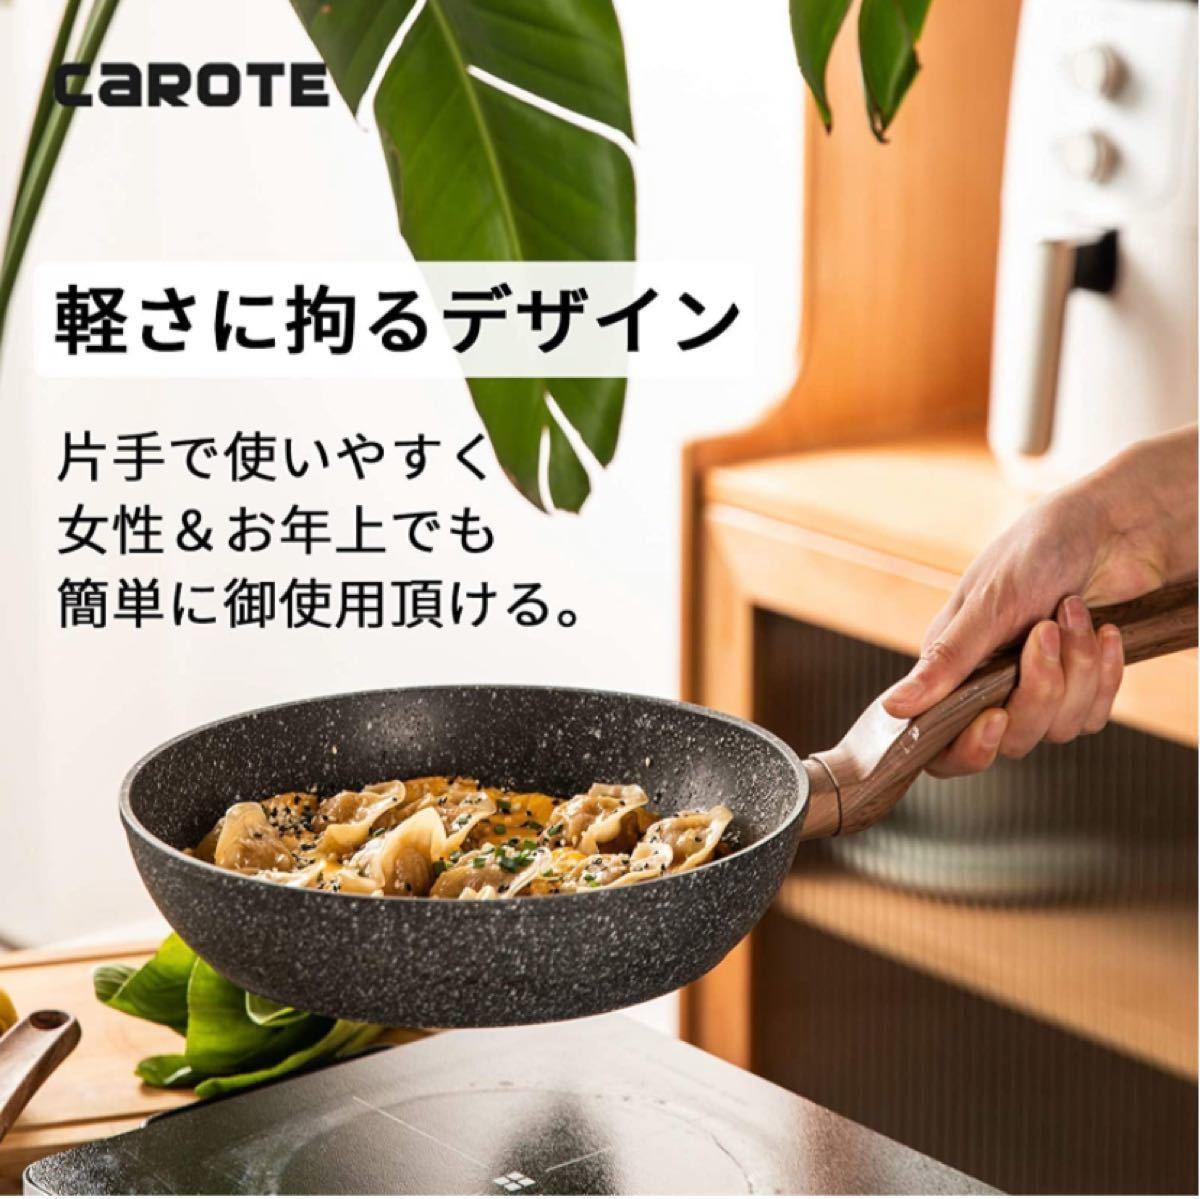 CAROTE フライパン 20cm IH対応 軽量高熱効率 マーブルコートグレー